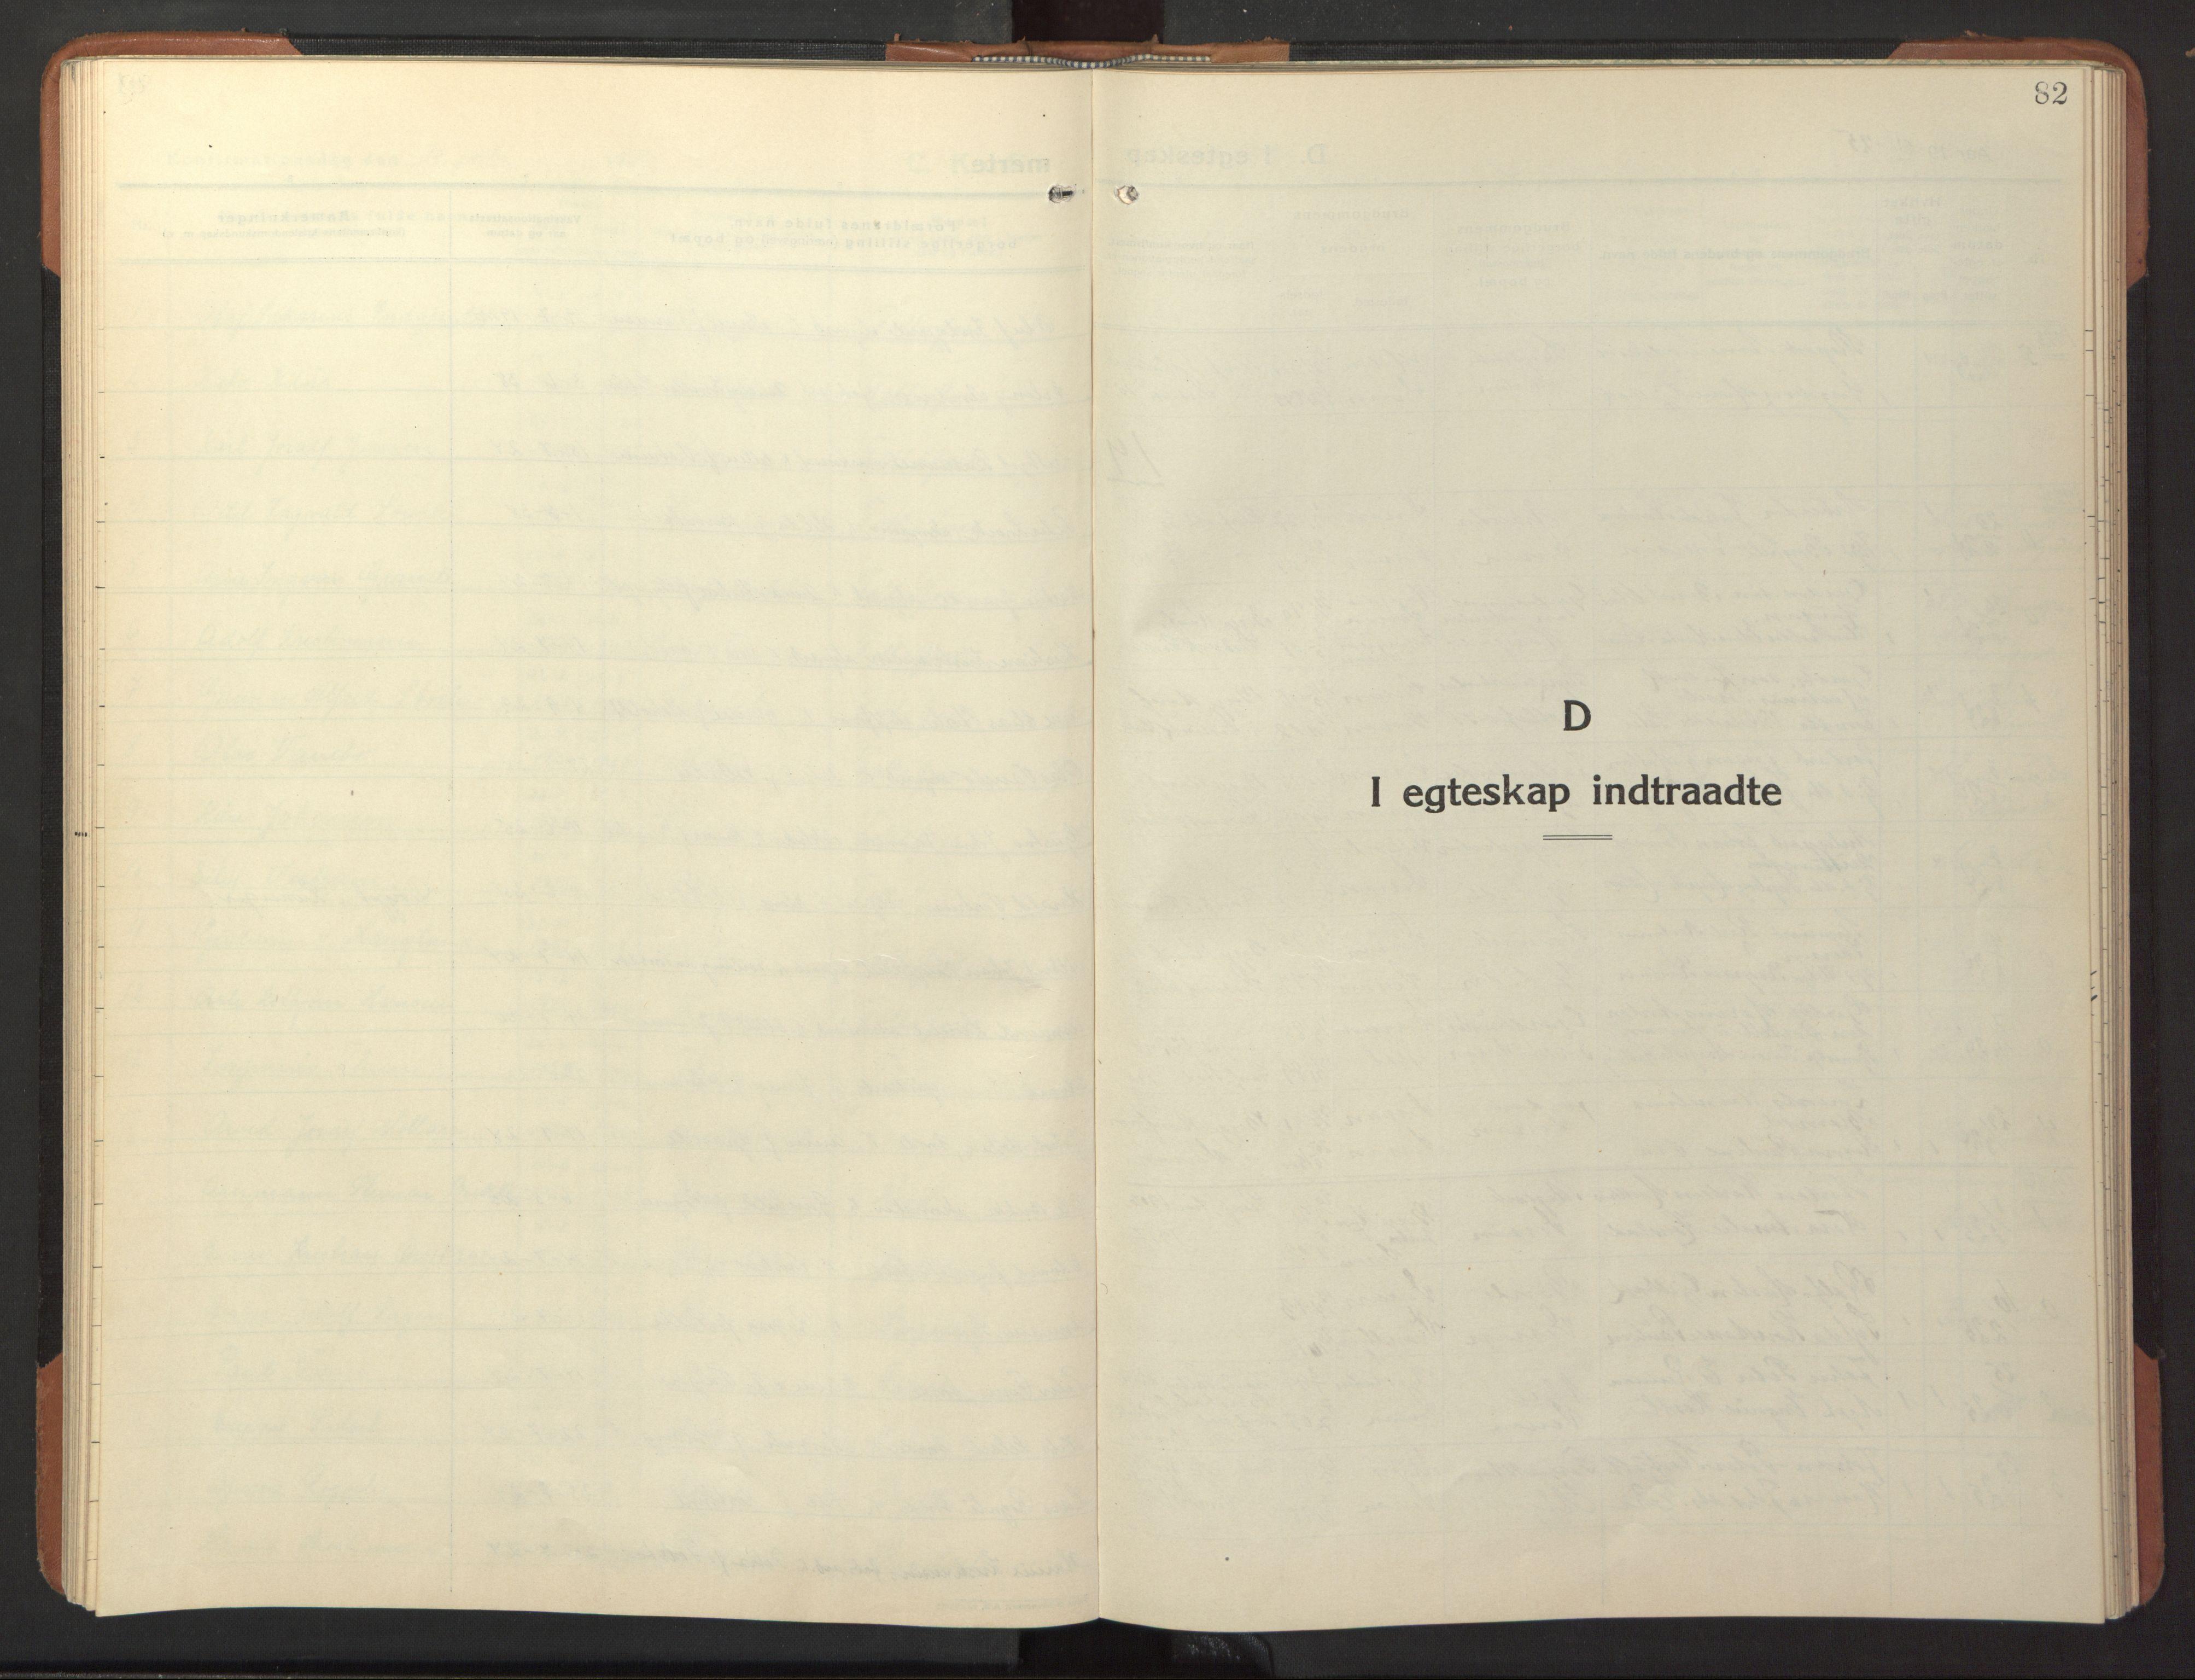 SAT, Ministerialprotokoller, klokkerbøker og fødselsregistre - Nord-Trøndelag, 744/L0425: Klokkerbok nr. 744C04, 1924-1947, s. 82